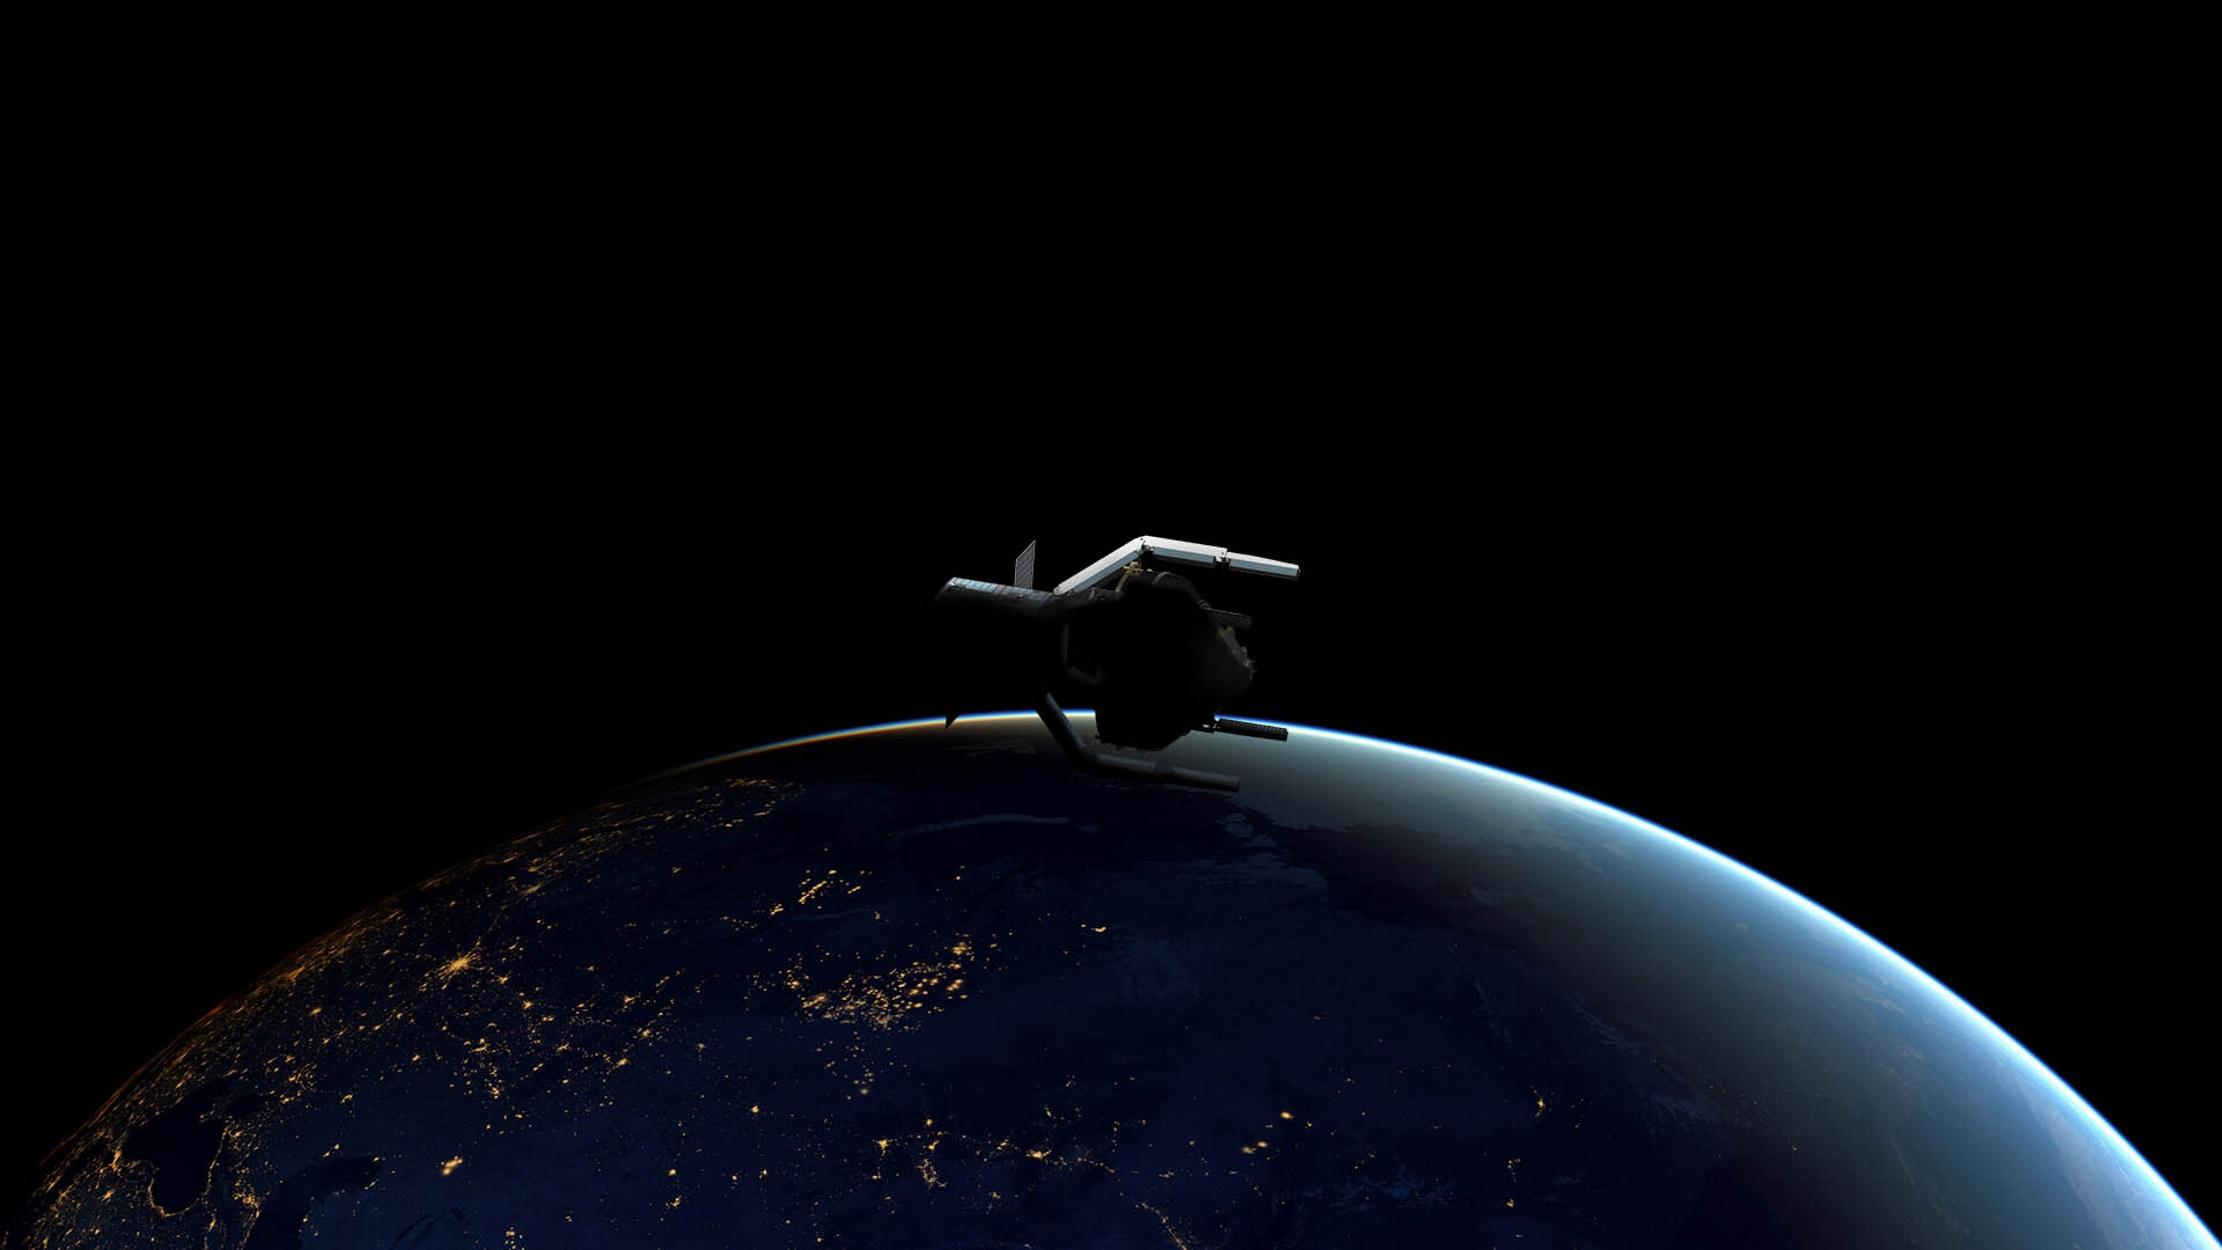 """ESA: Εκτοξεύεται το πρώτο """"σκουπιδιάρικο"""" στο Διάστημα!"""